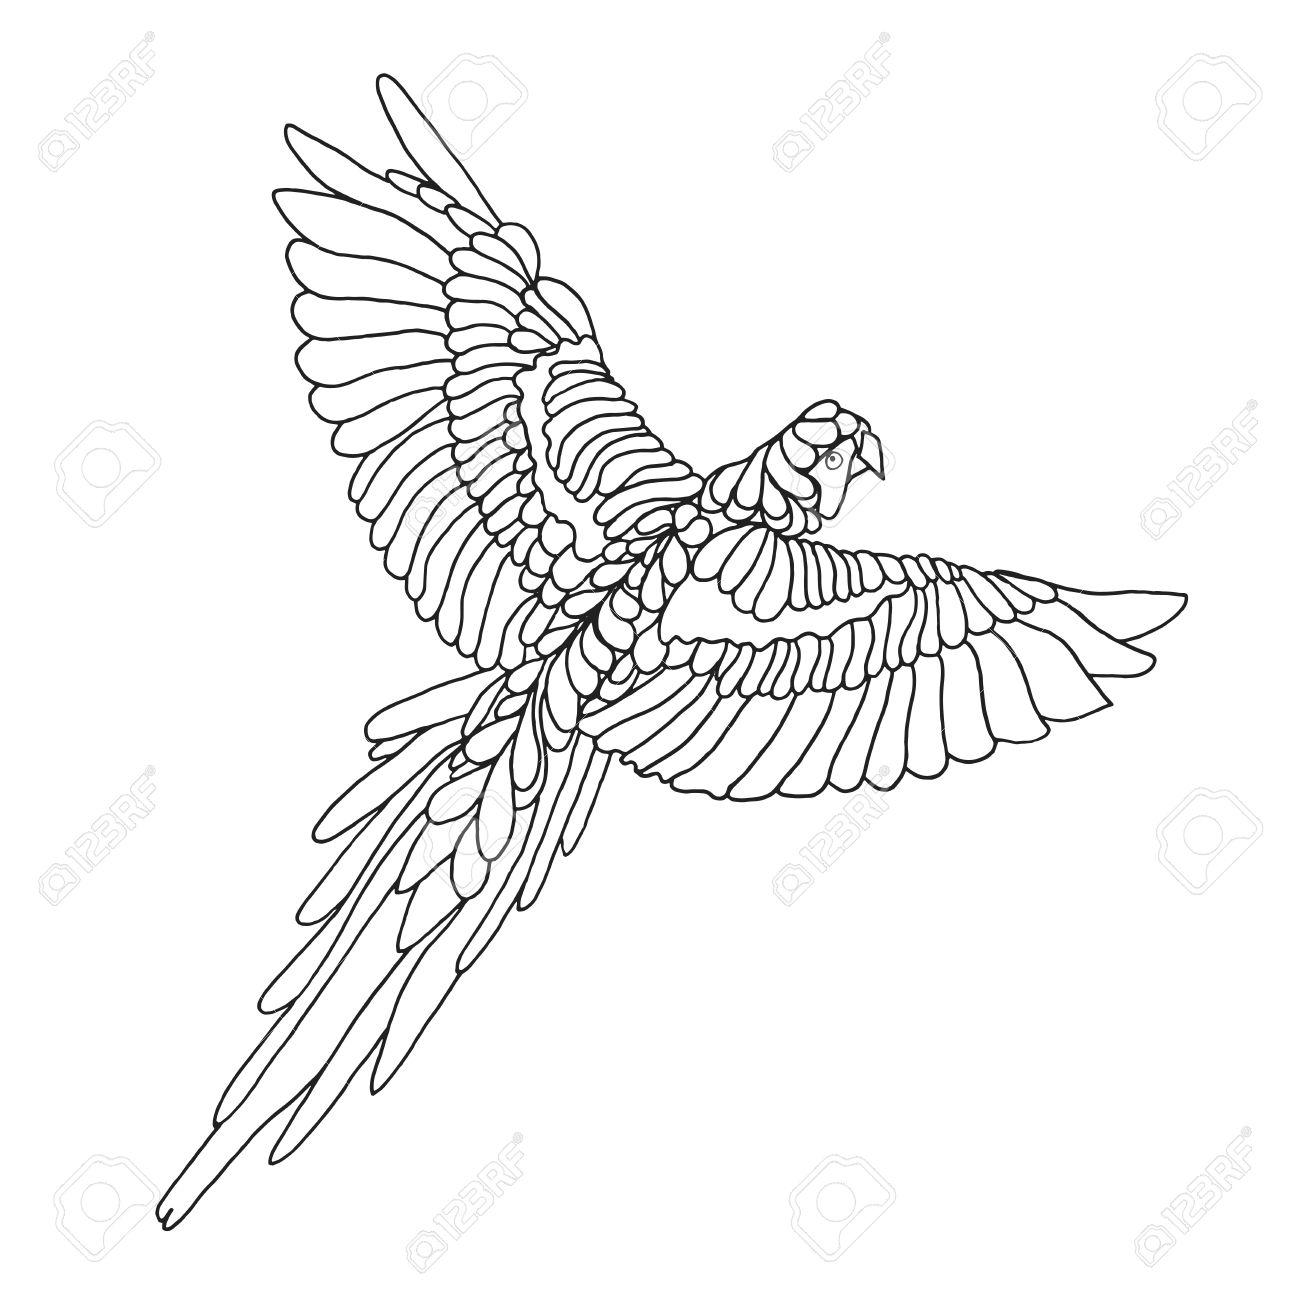 1300x1300 Zentangle Stylized Macaw Parrot. Birds. Black White Hand Drawn